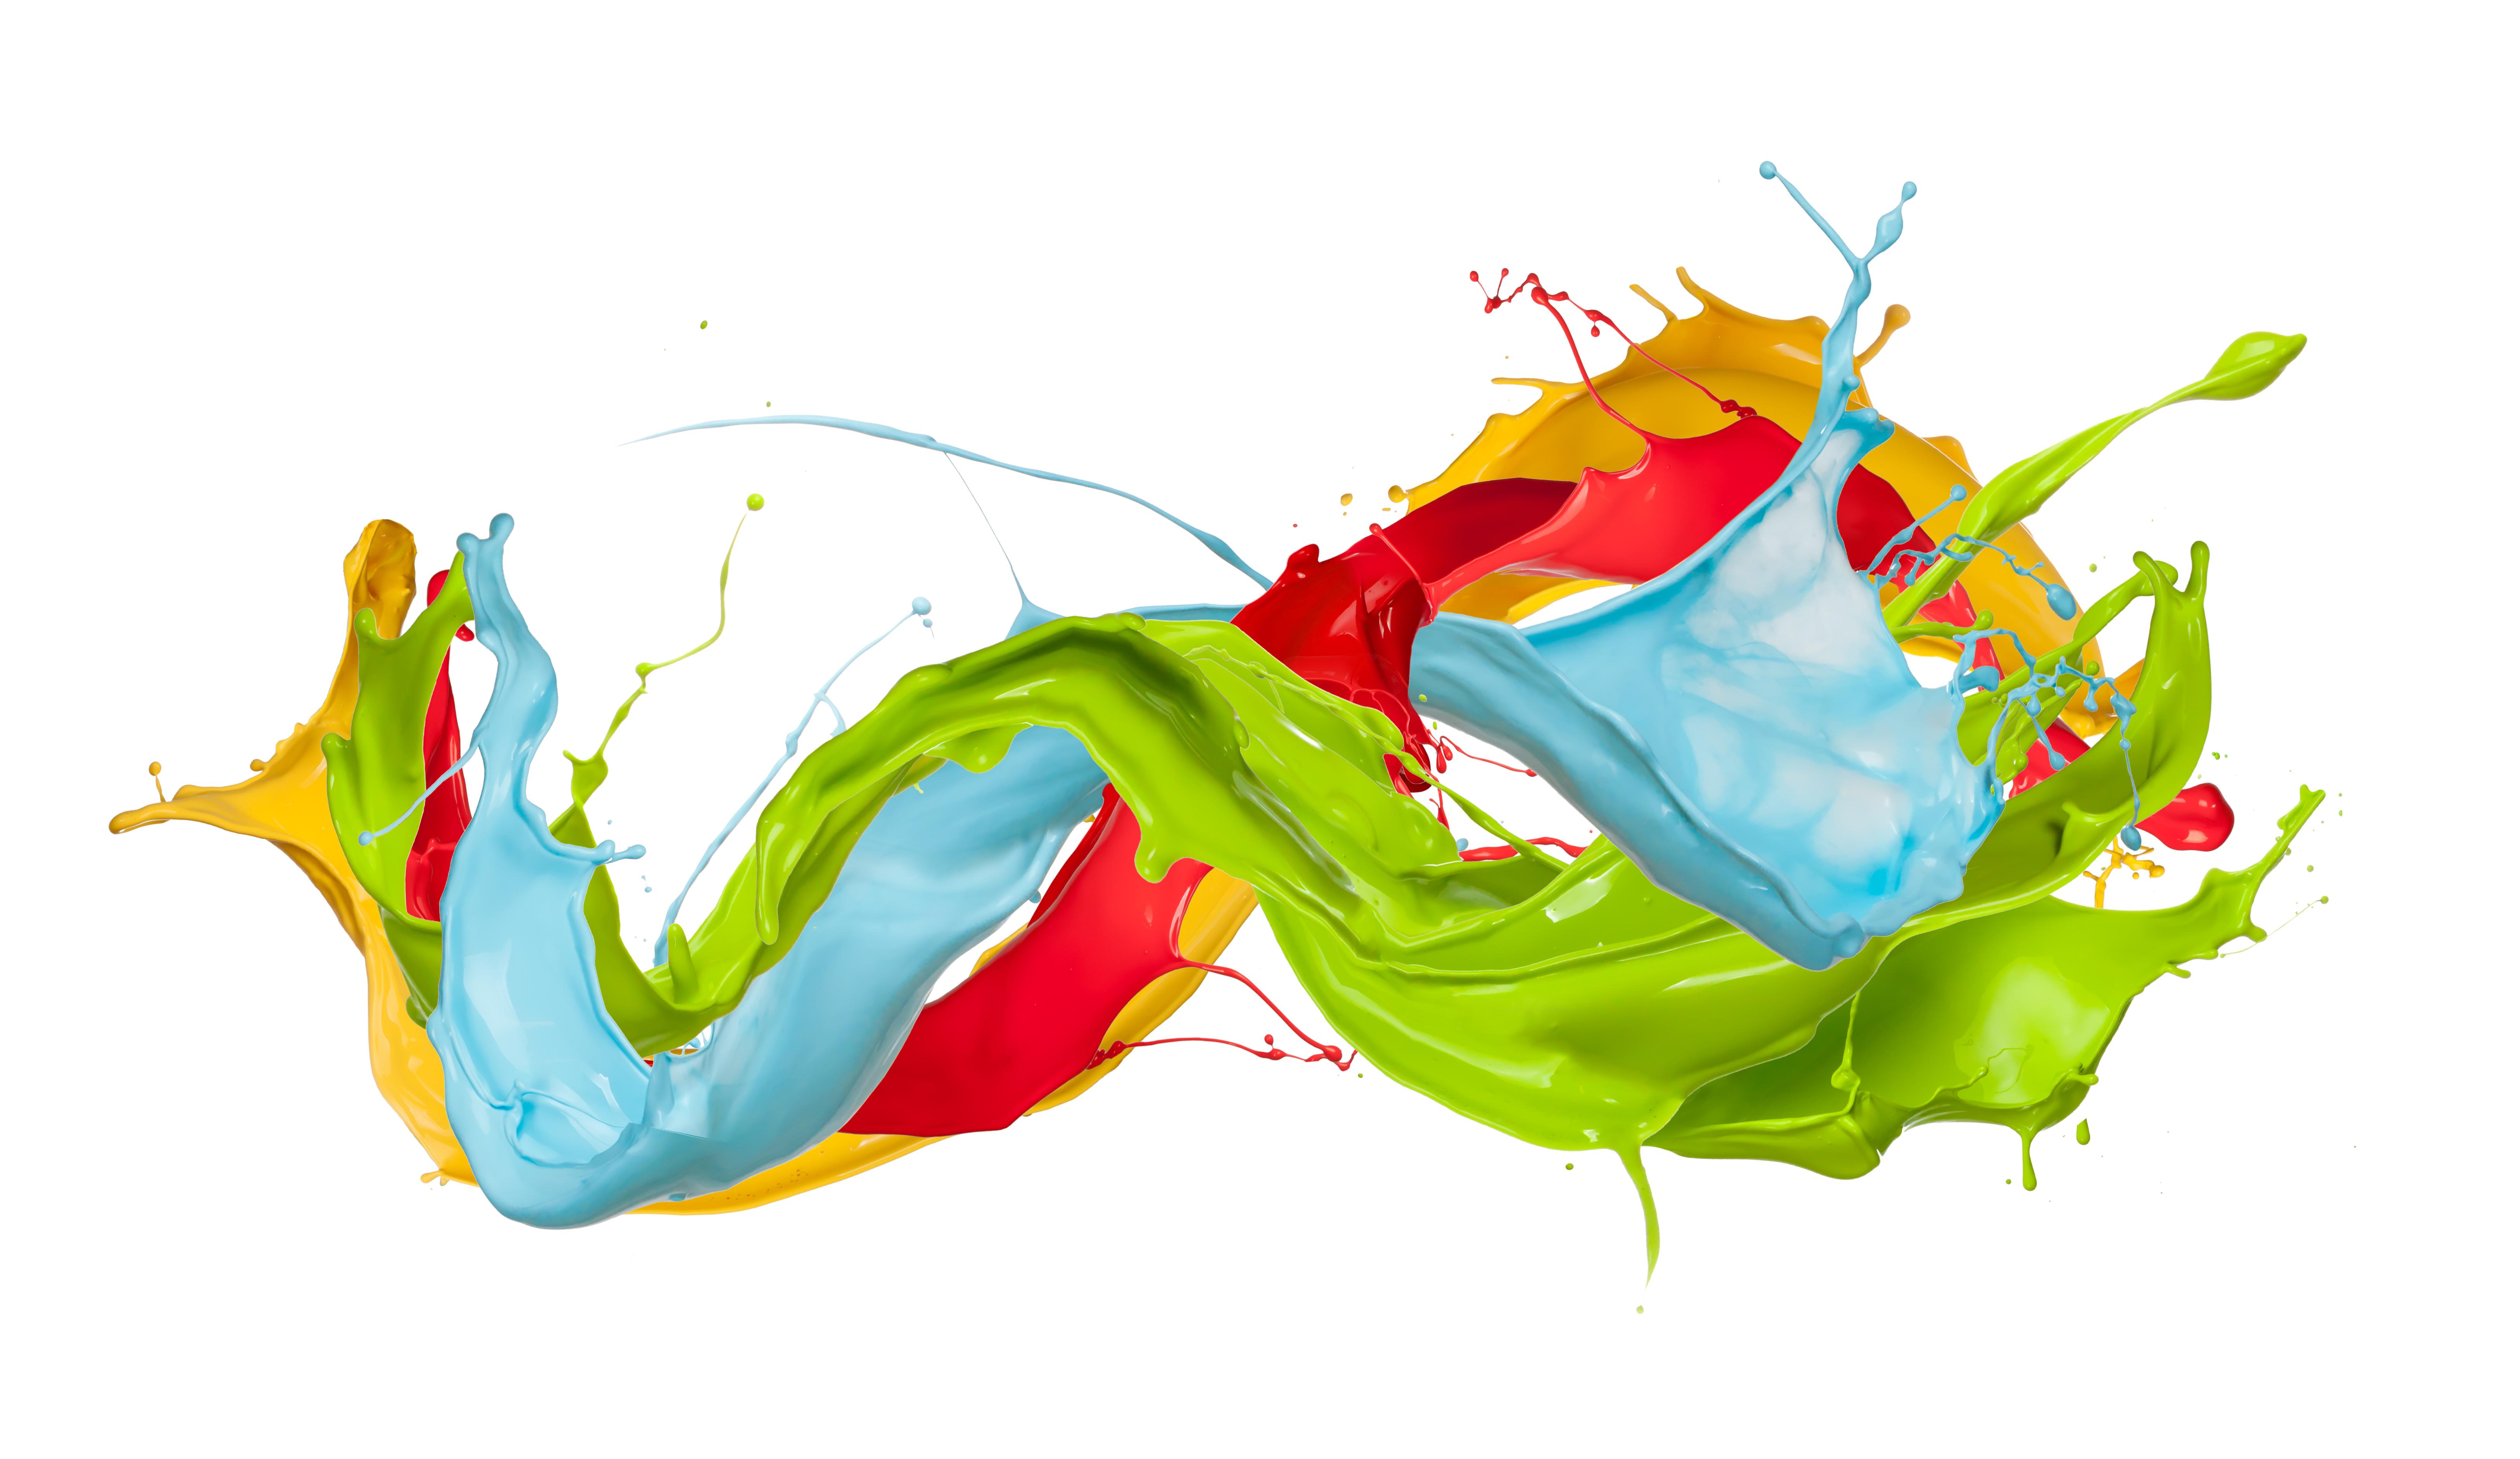 paint splash colors design dr neil a mence